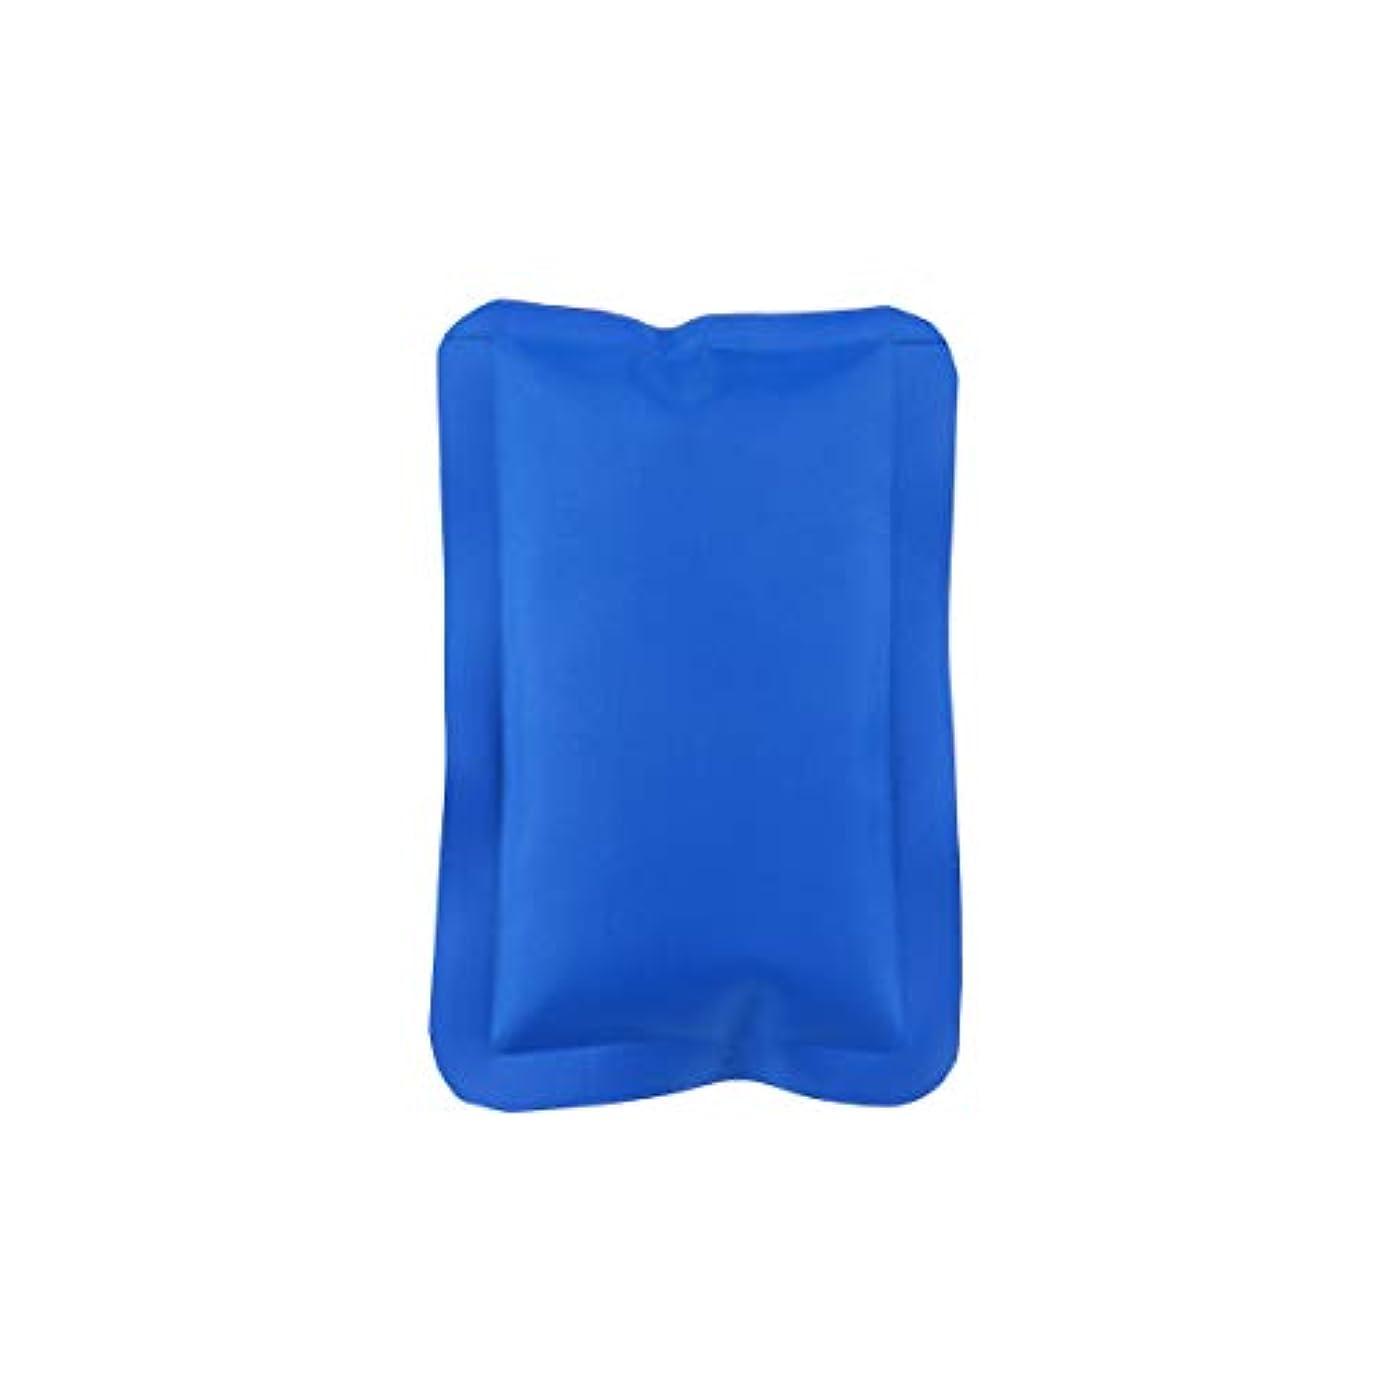 つかまえる識別するトレッドHEALLILY 150ML再利用可能なホット&コールドジェルパック(コンプレッションラップスポーツ傷害)ジェルアイスパック多目的ヒートパック(マッスルリリーフ用、16x10x1cm、ブルー)